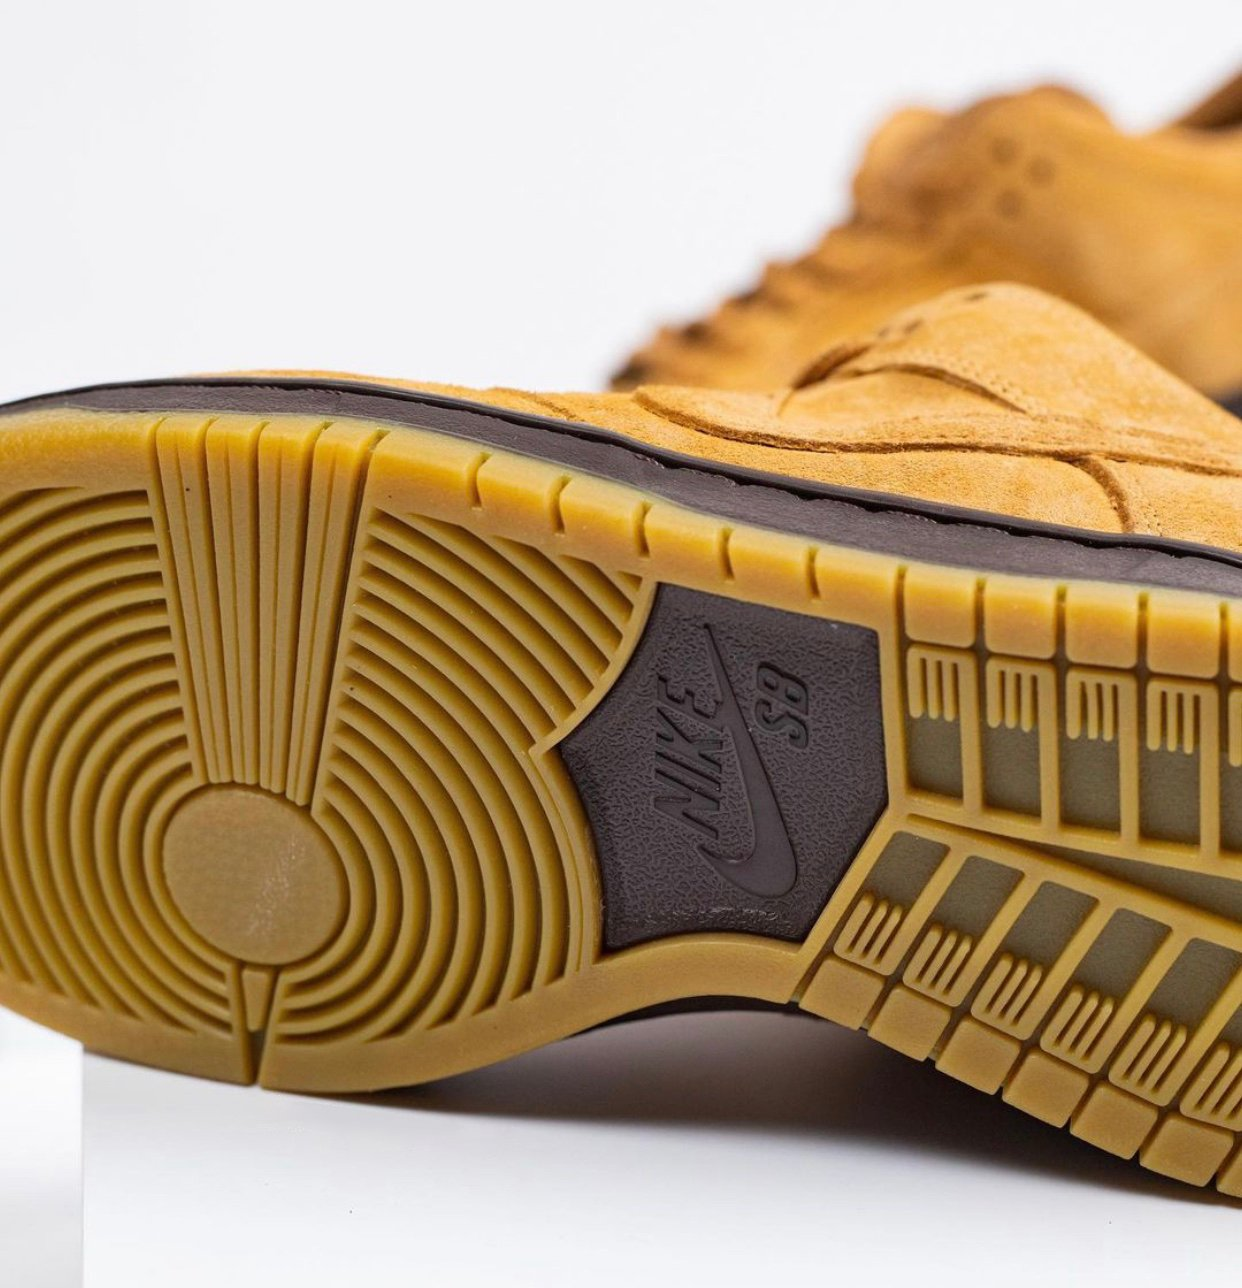 Nike SB Dunk Low Wheat Mocha BQ6817-204 Release Date Info